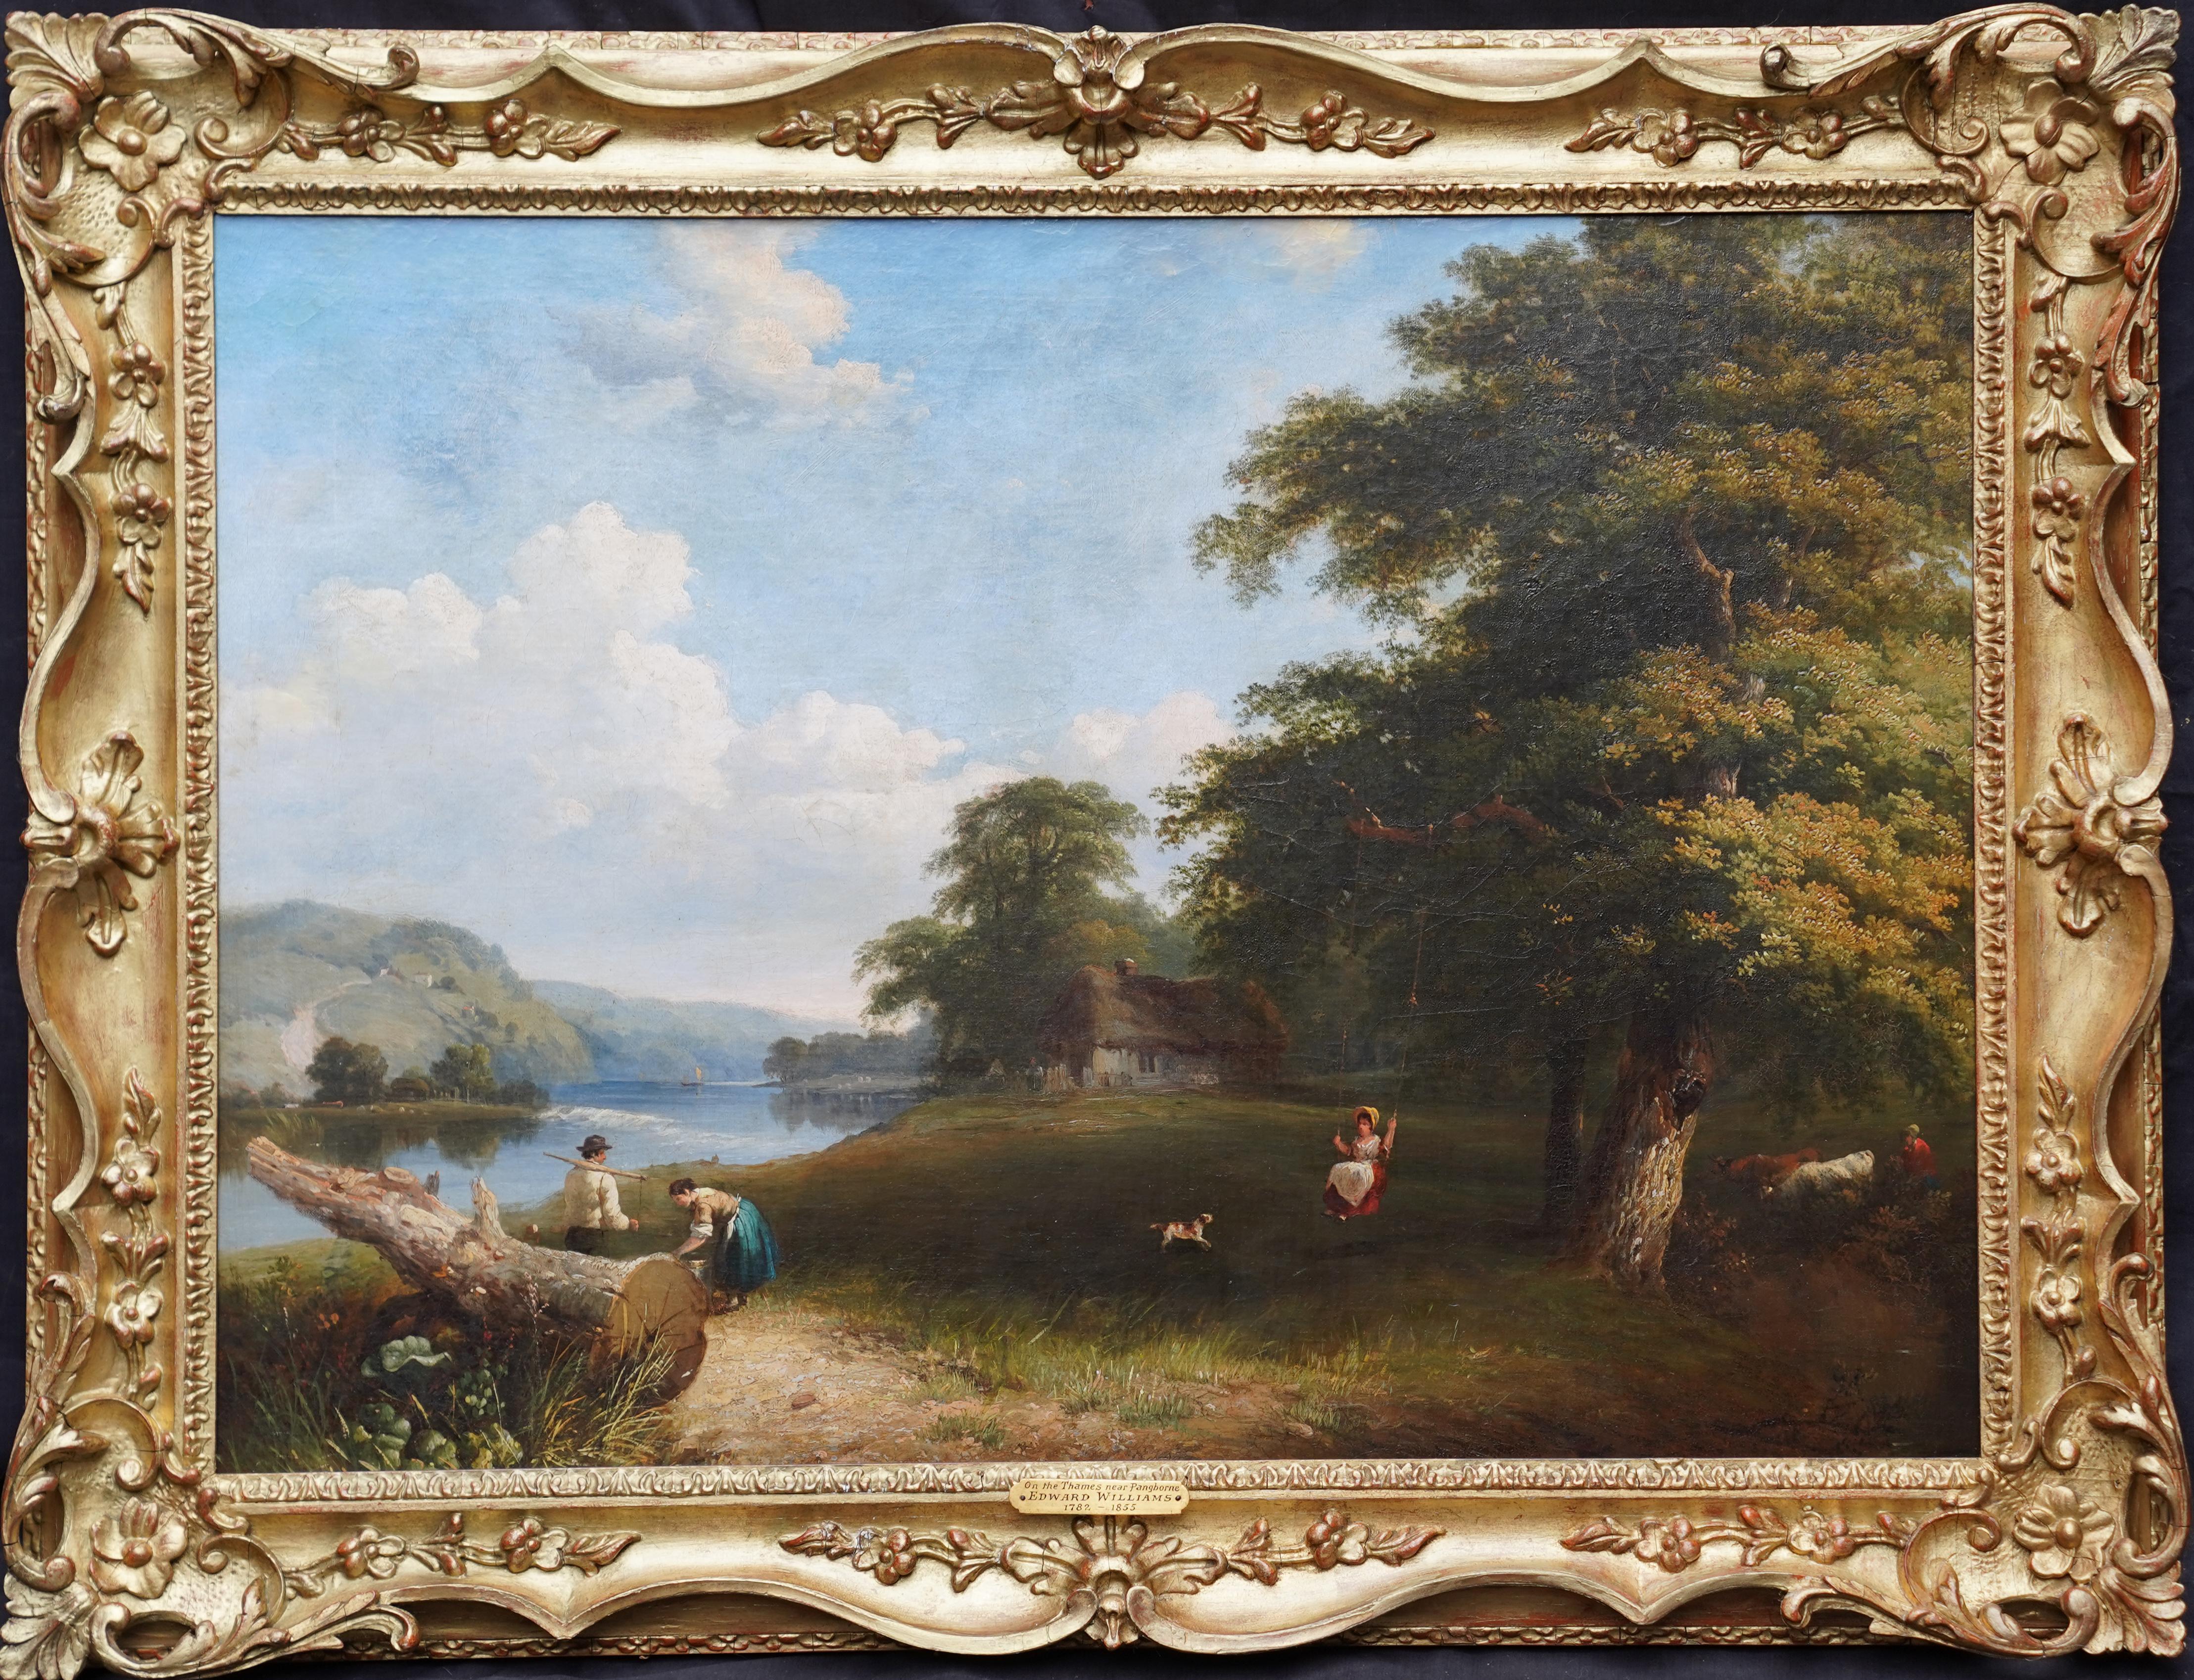 Thames Pangbourne Landscape - British Victorian art riverscape oil painting